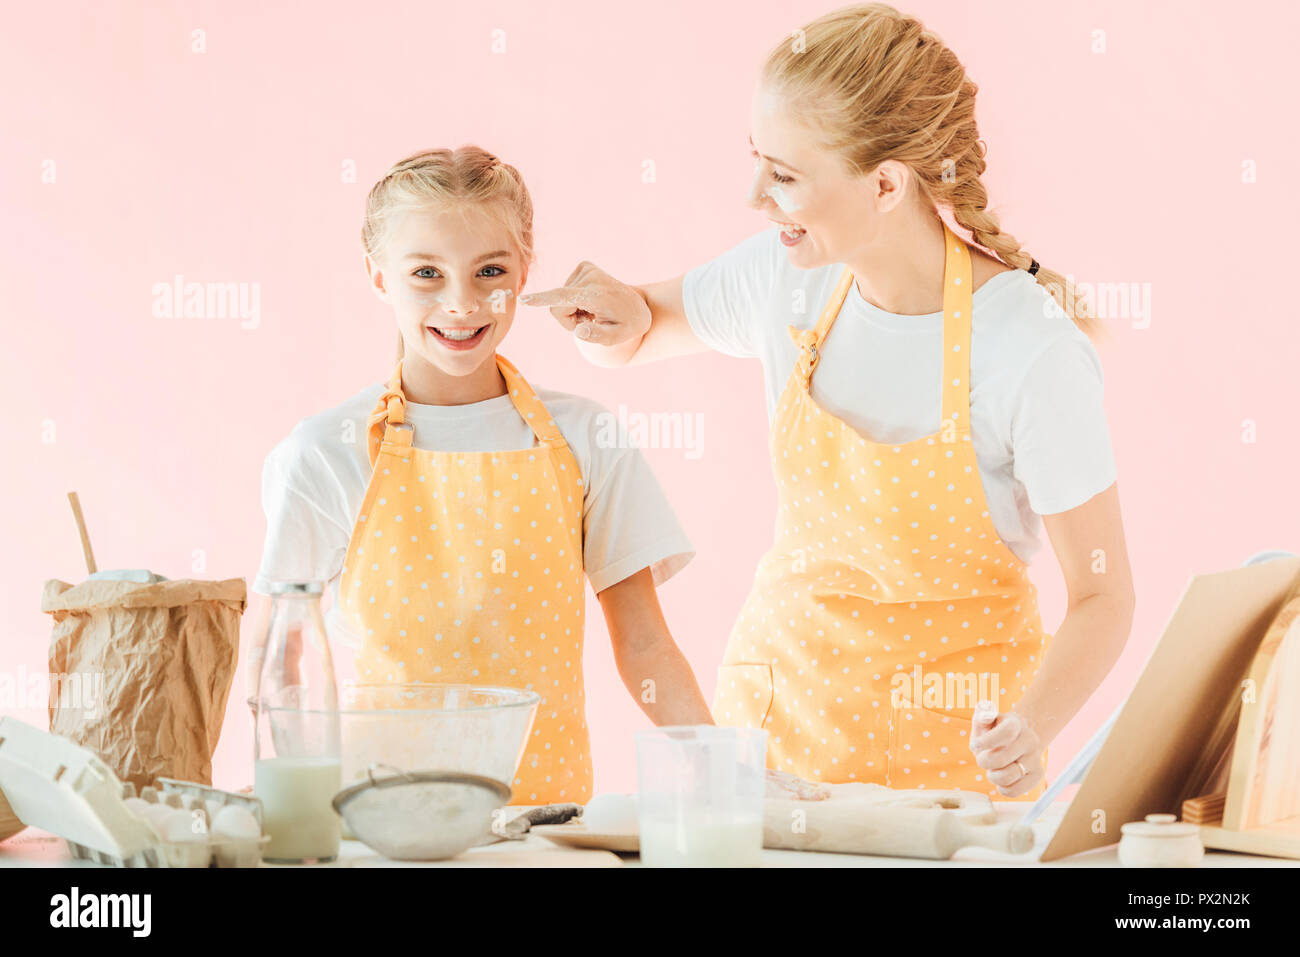 Sorridente madre e figlia con farina su facce cucinare insieme isolato in rosa Immagini Stock